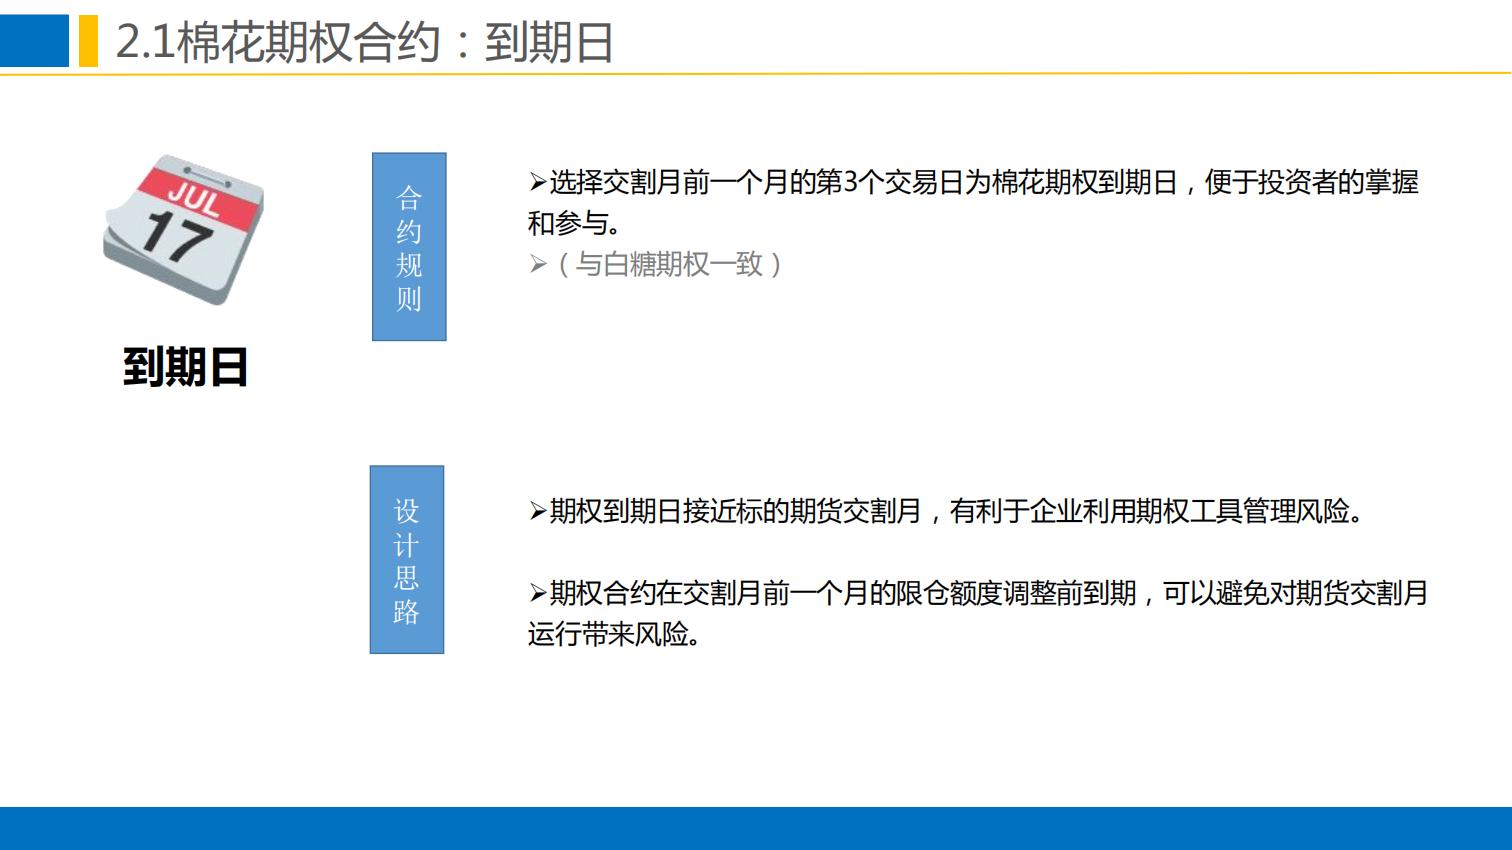 晨会:郑商所培训分享-棉花期权合约规则与上市工作安排0111.pdfx_14.png